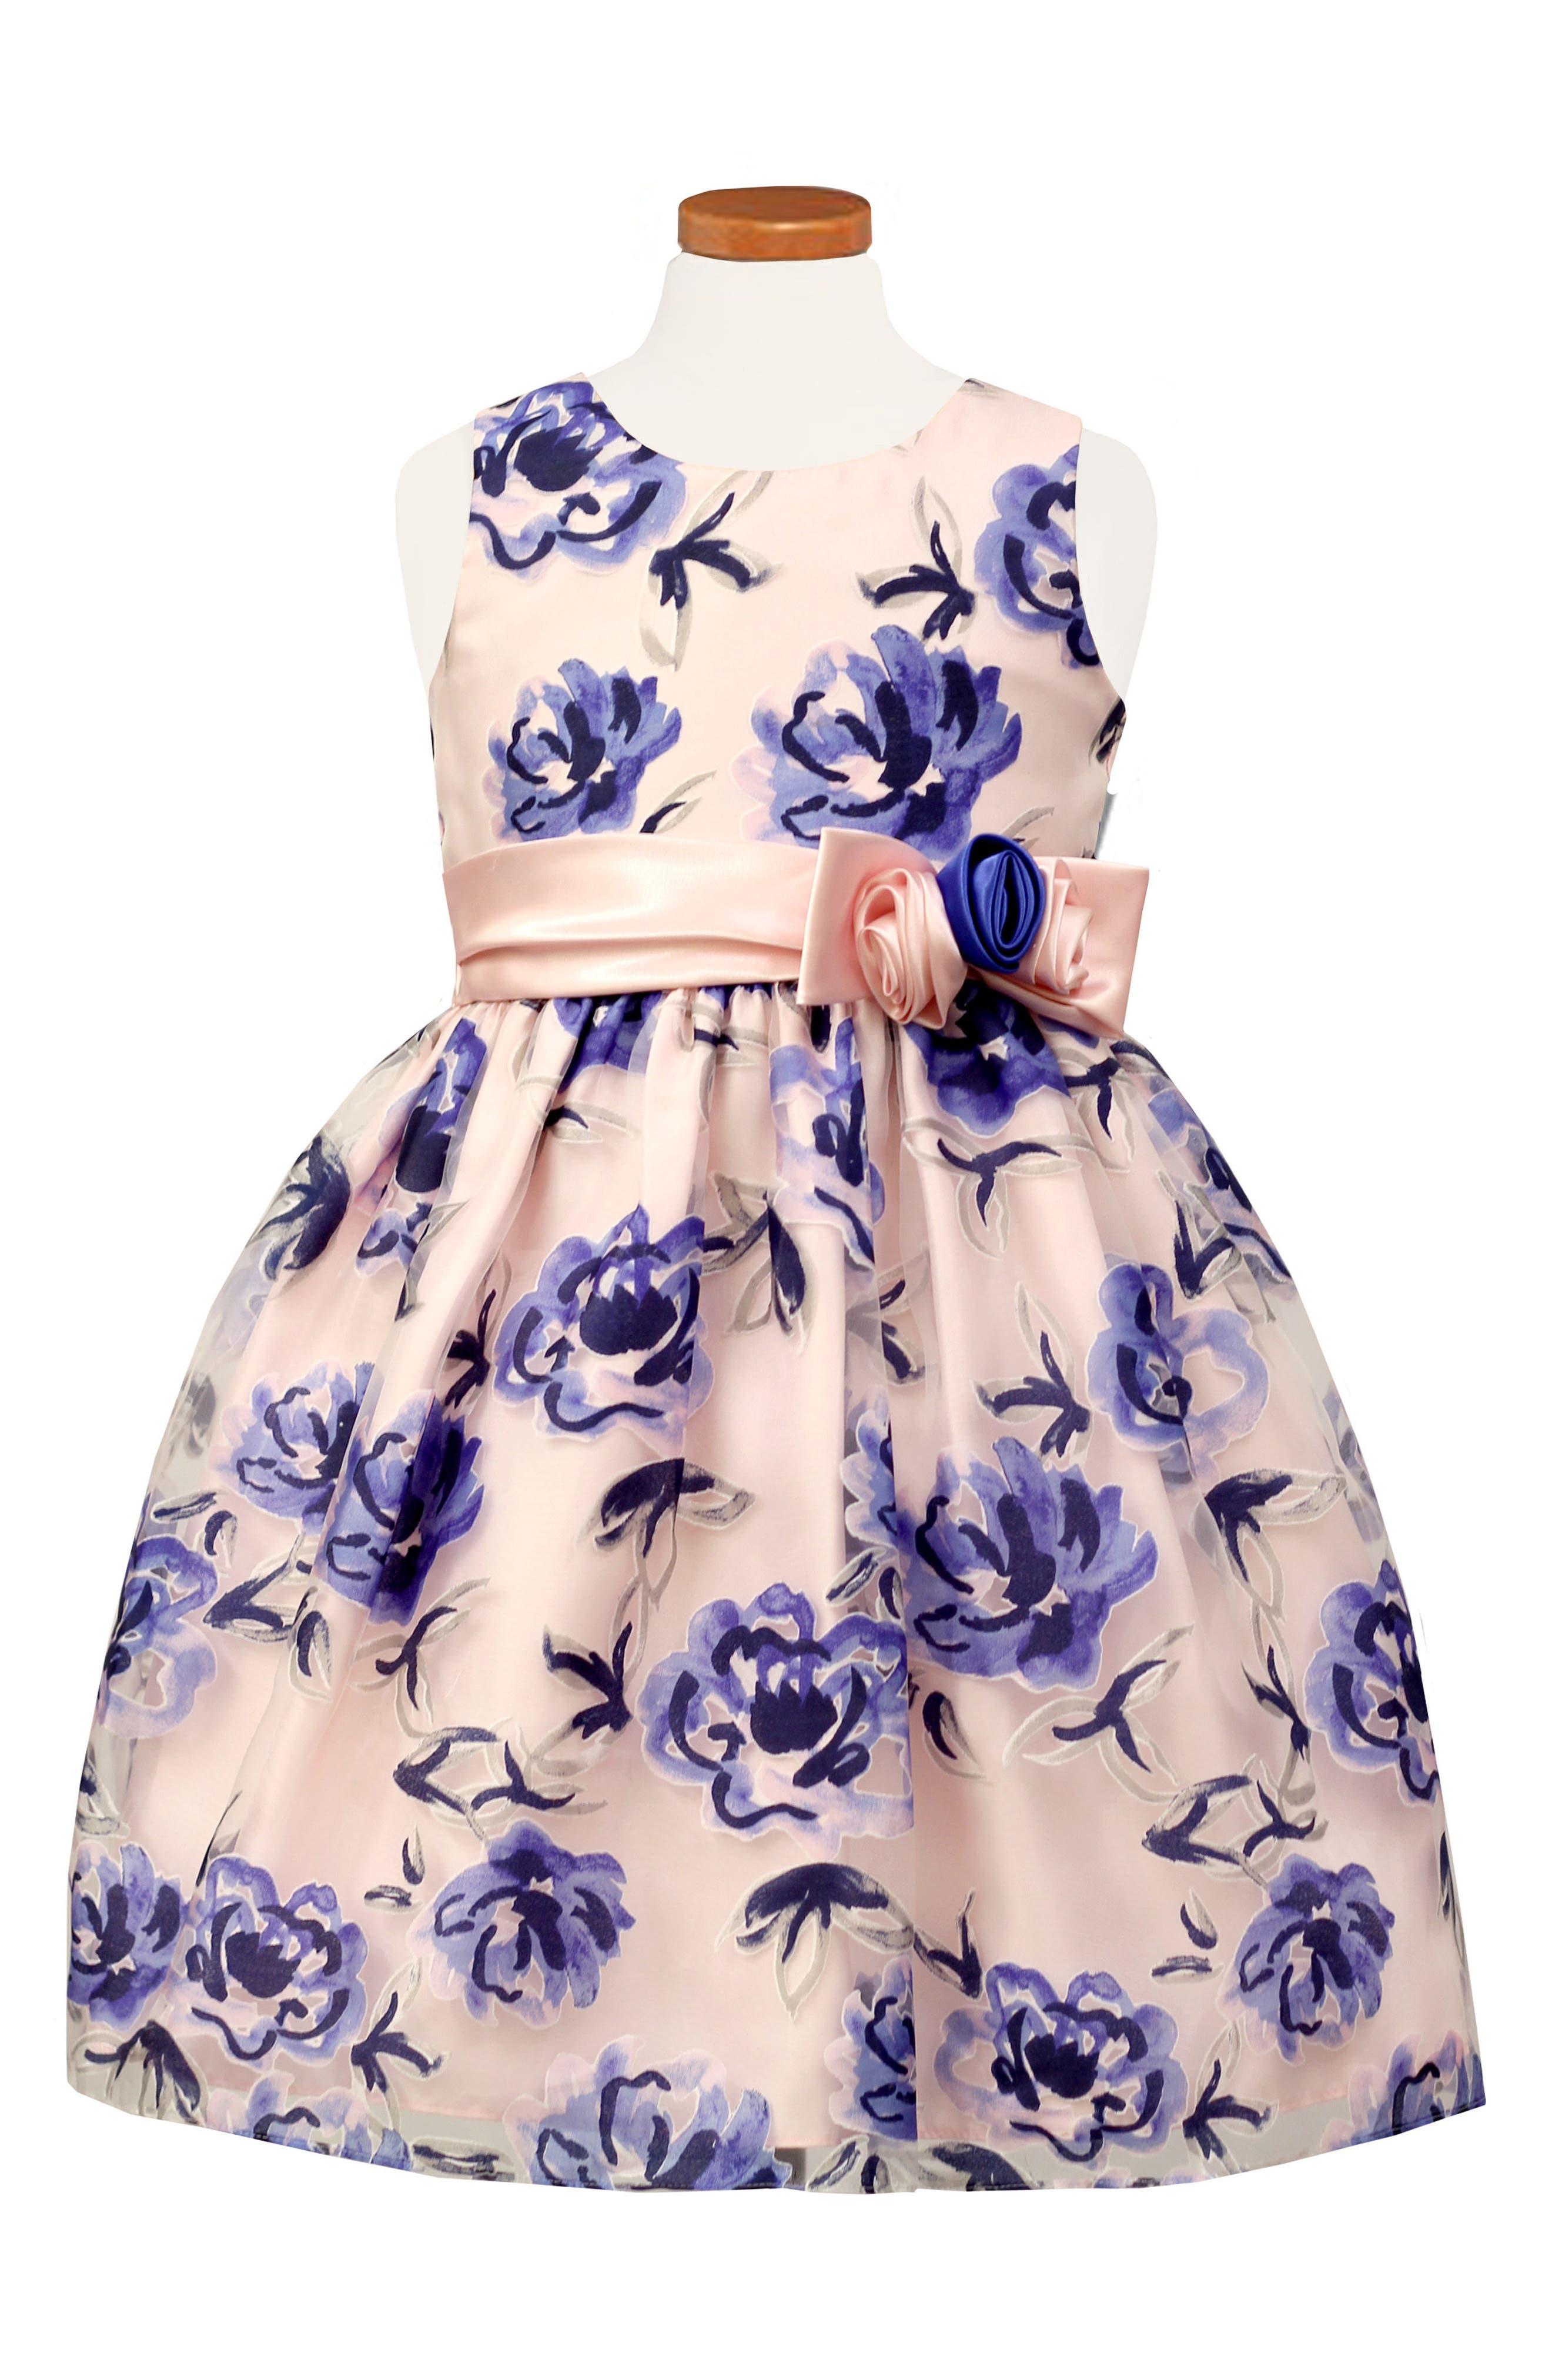 Main Image - Sorbet Sleeveless Floral Dress (Toddler Girls & Little Girls)